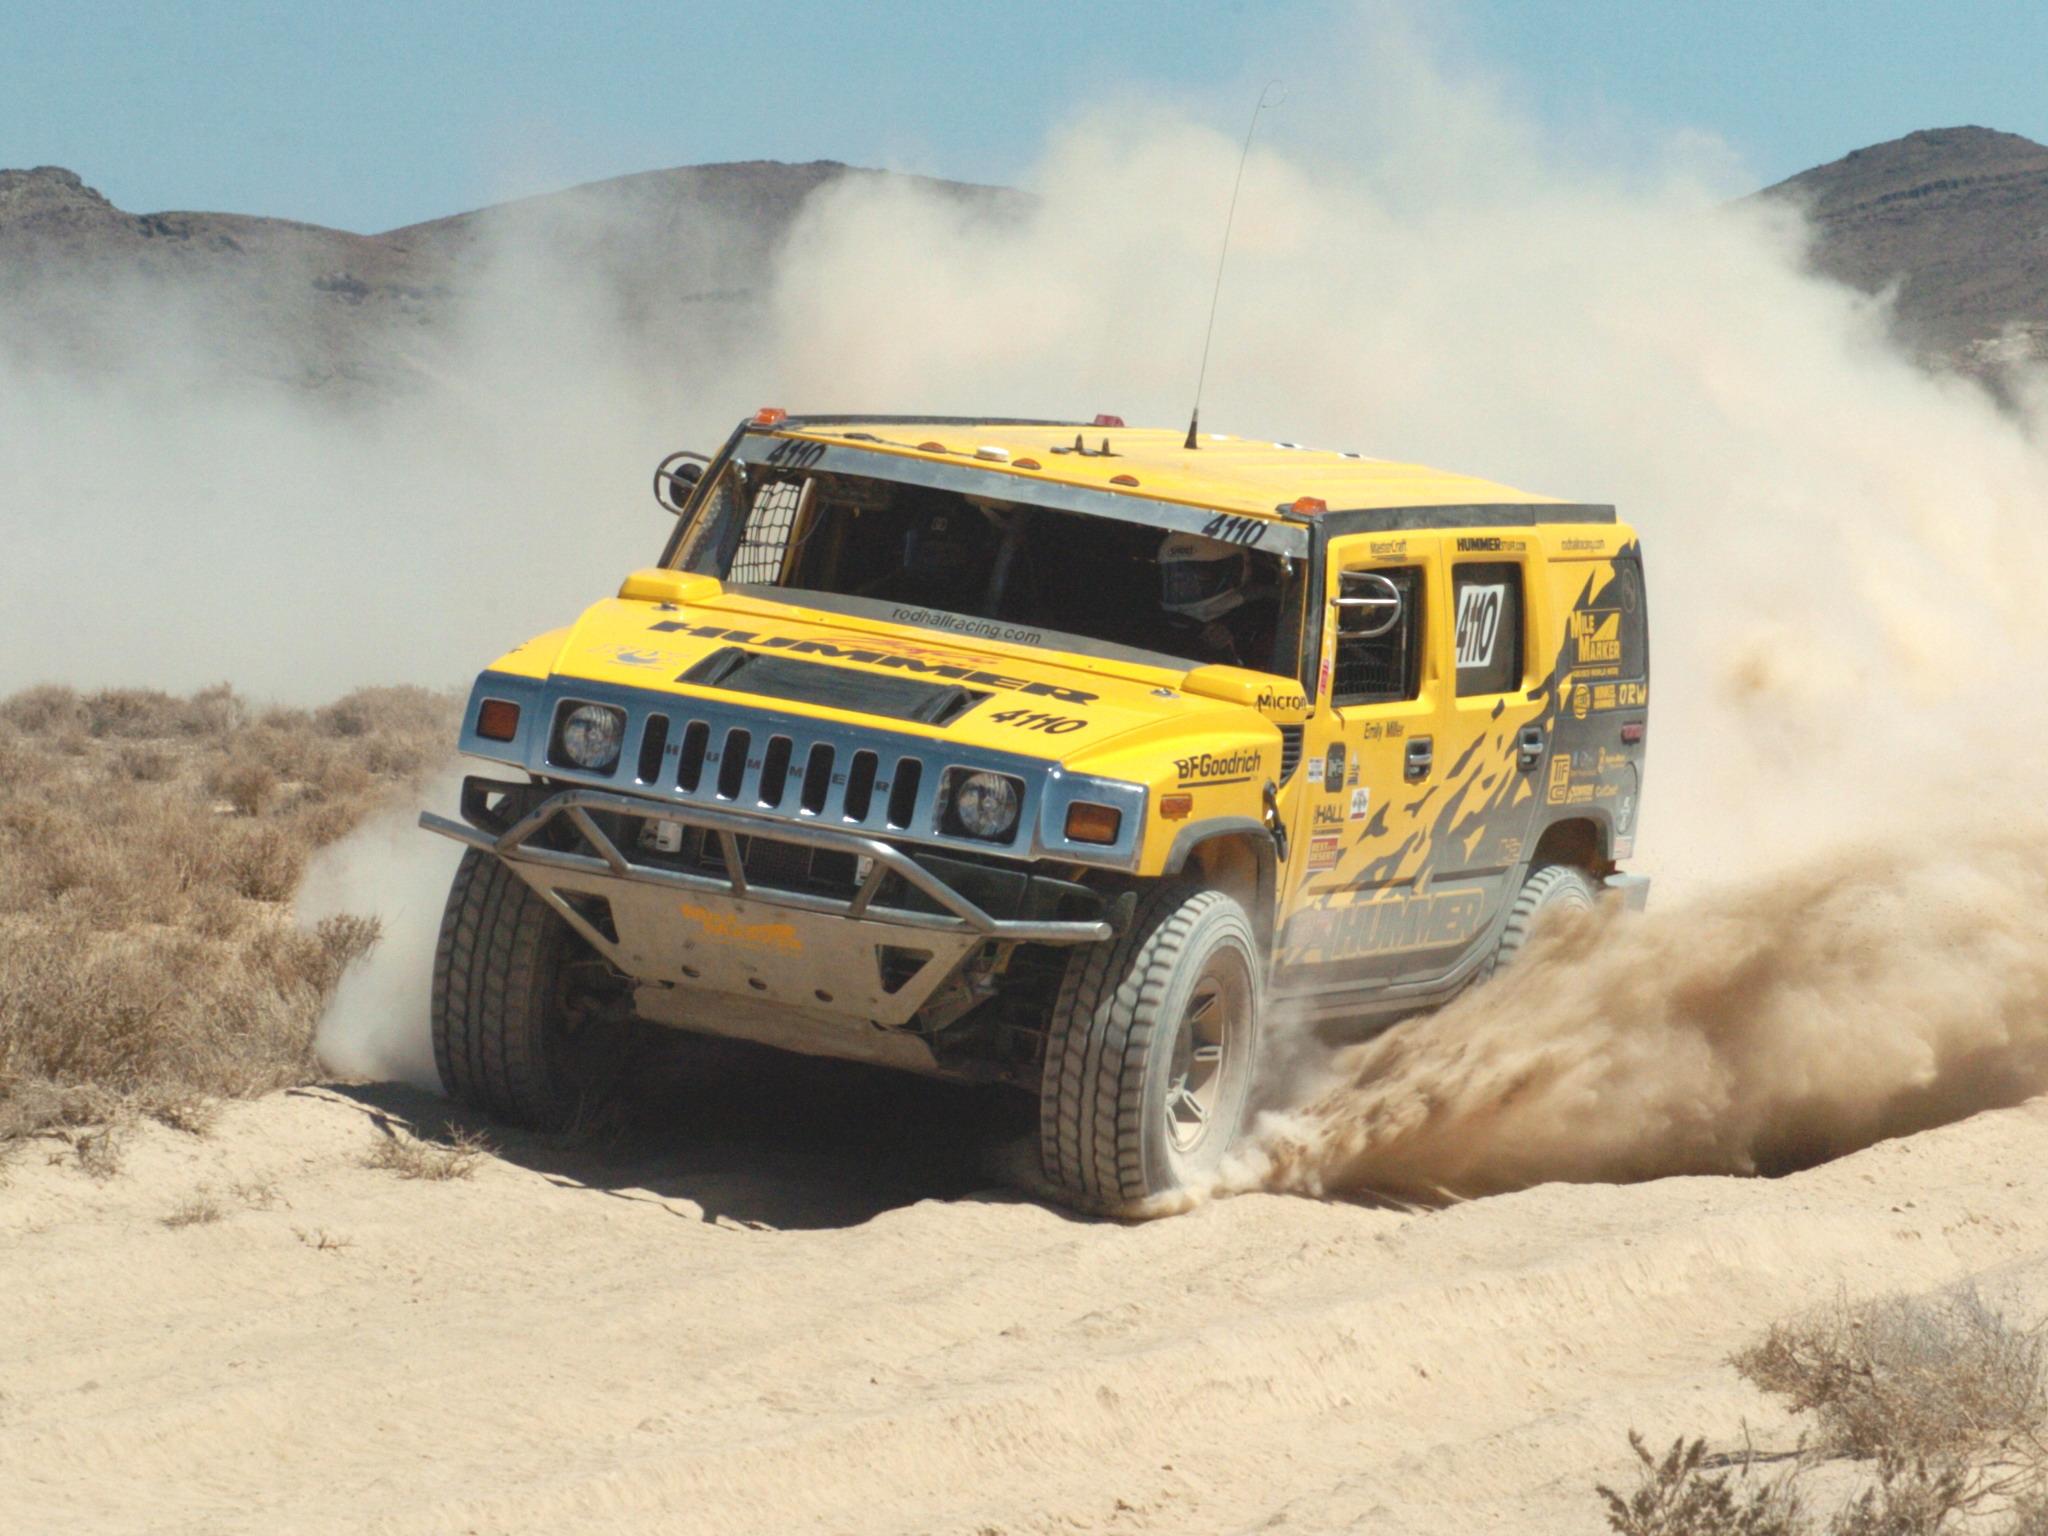 2007 Hummer H2 Race